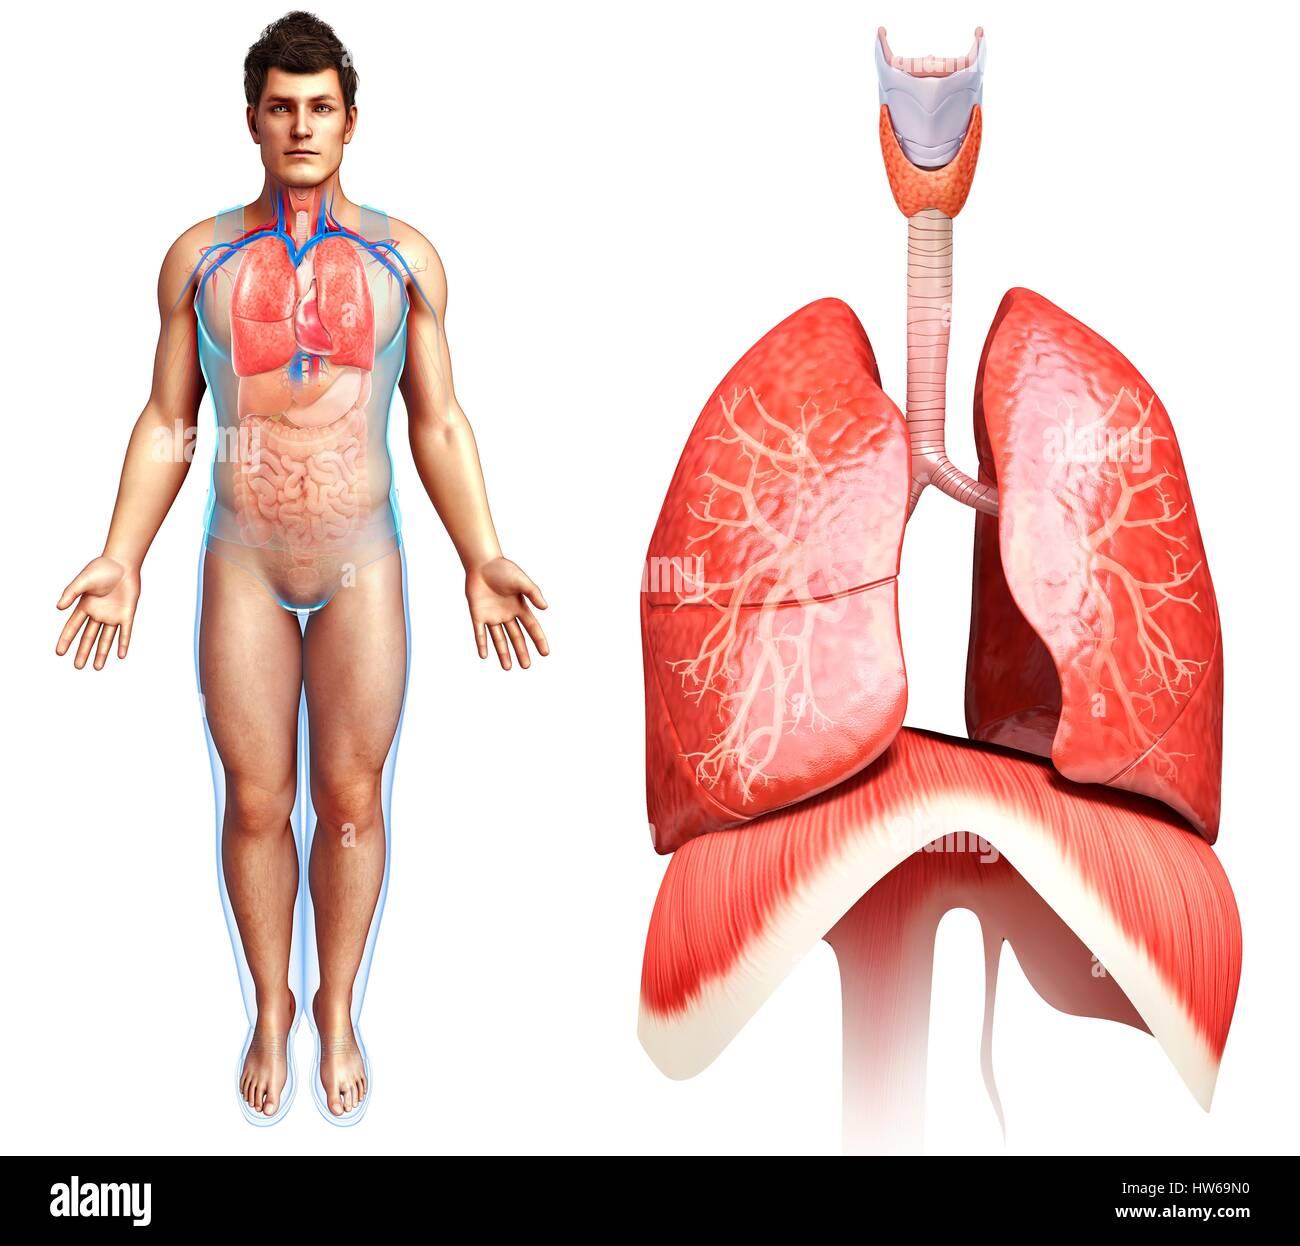 Darstellung der Lunge und Zwerchfell Anatomie Stockfoto, Bild ...